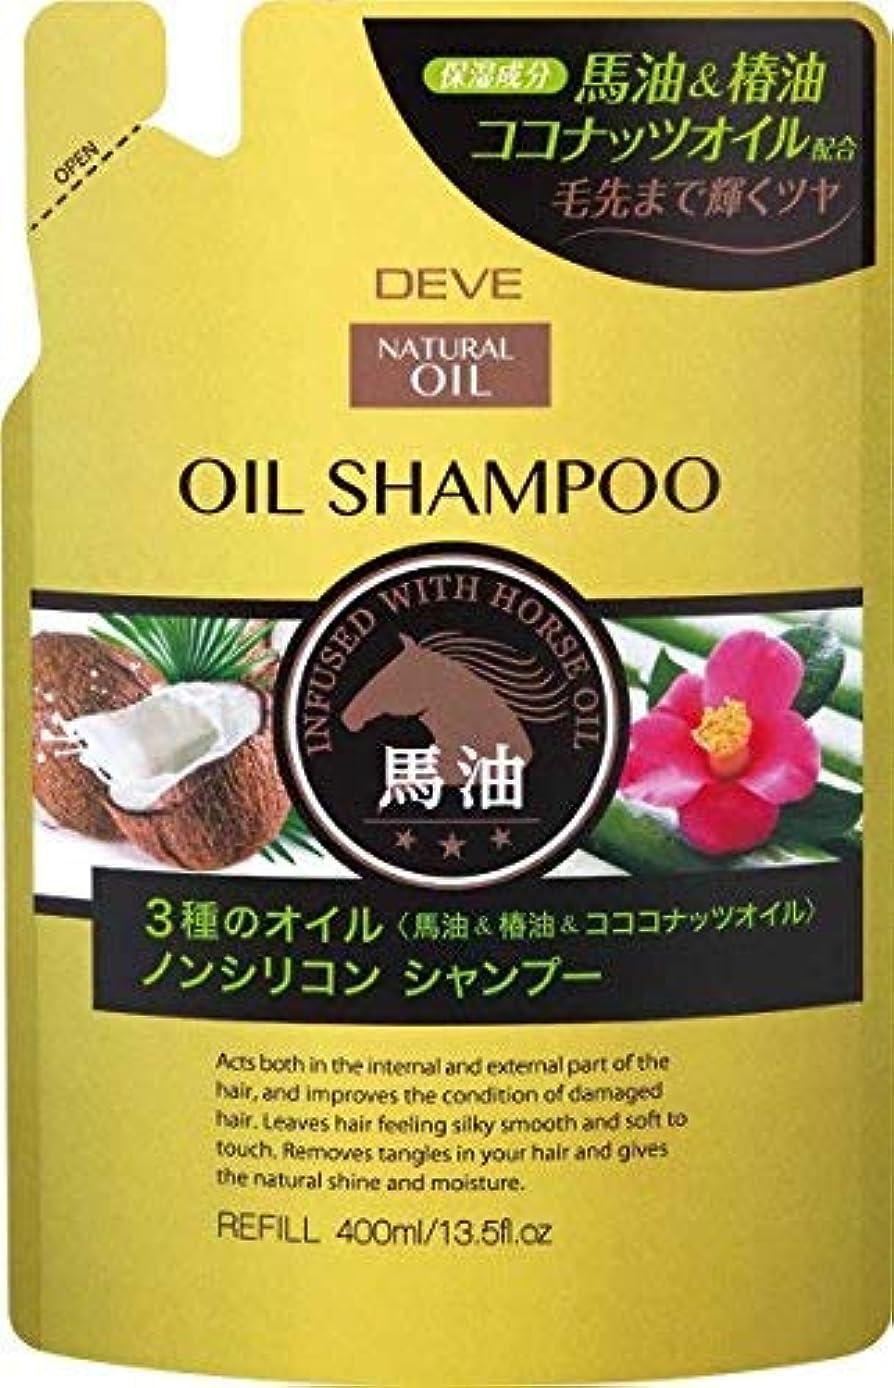 世界苛性床を掃除する熊野油脂 ディブ 3種のオイルシャンプー(馬油?椿油?ココナッツオイル)400ml × 24点